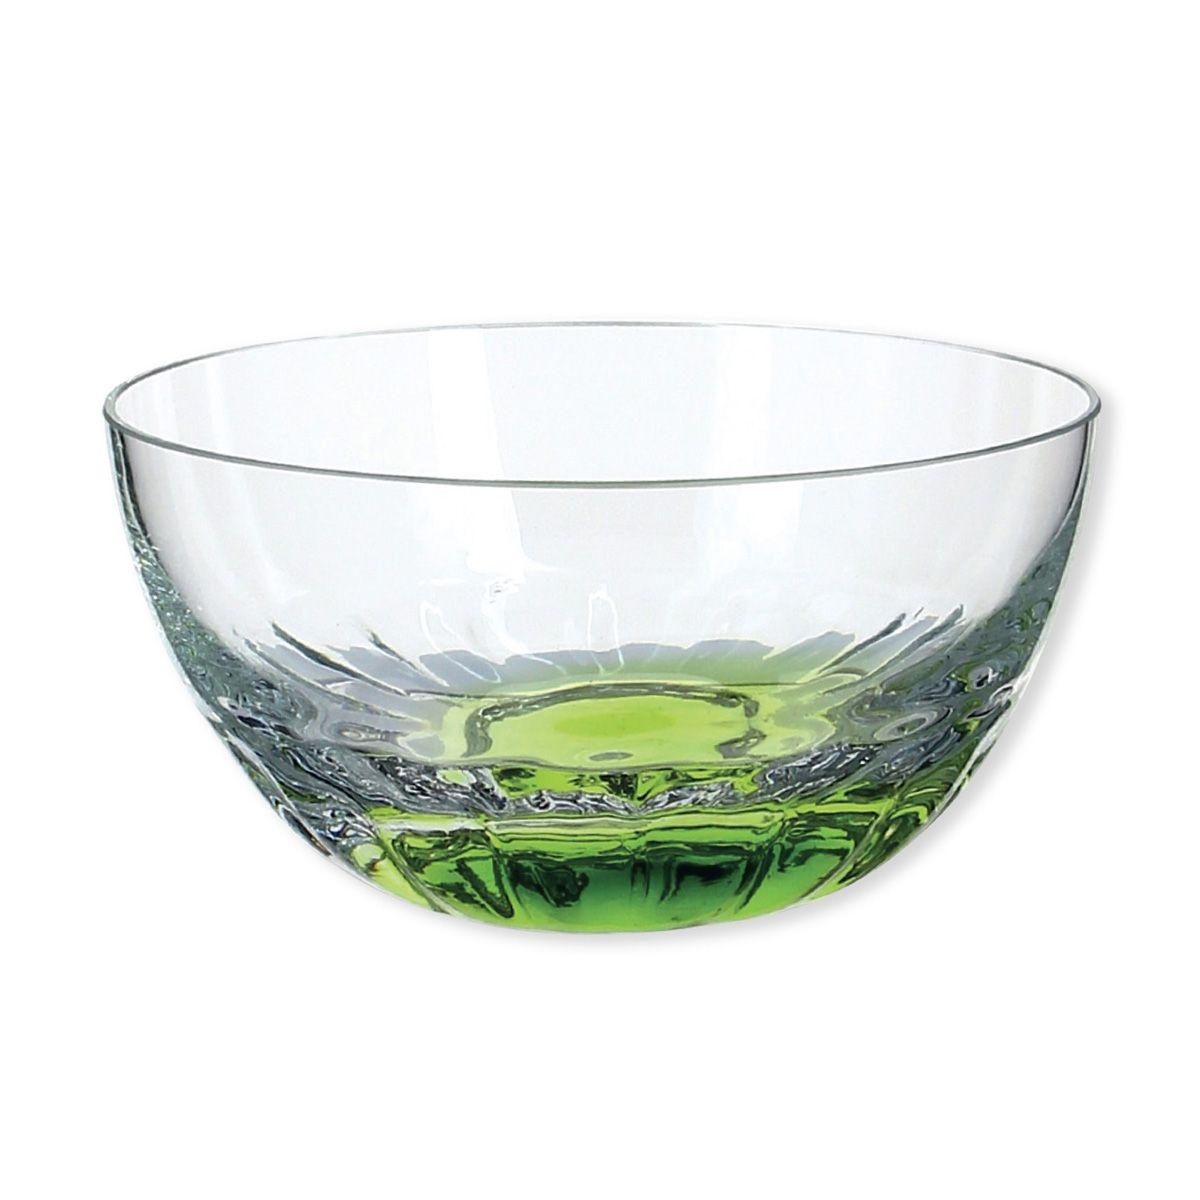 Coupelle à glace couleur vert 27cl - Lot de 4 - SANDY